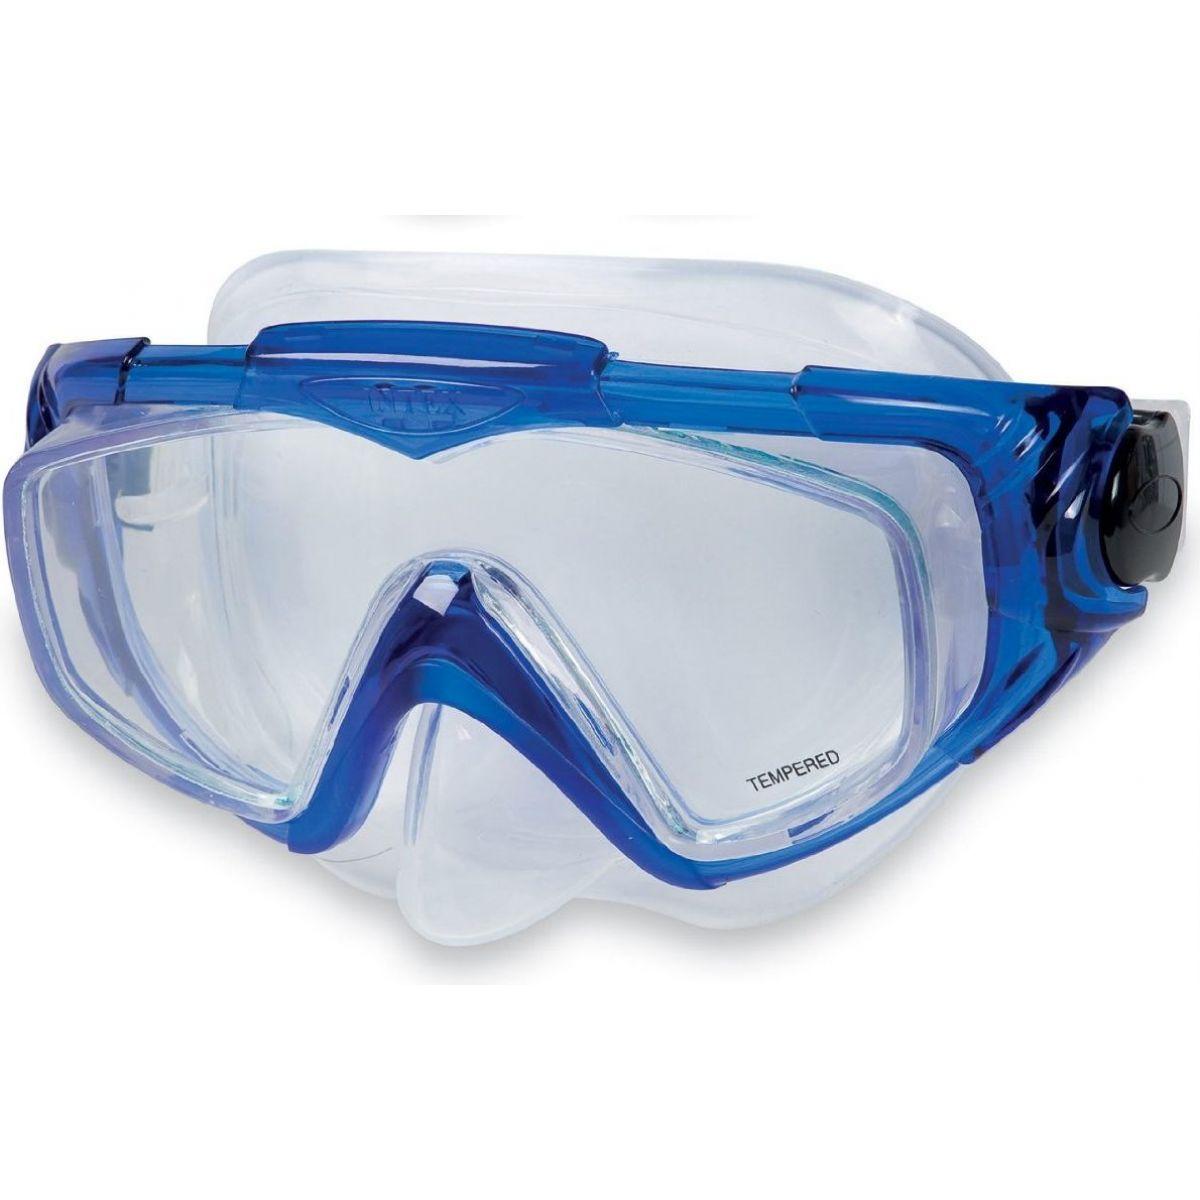 Intex 55981 Potápačské okuliare Aqua - Modrá